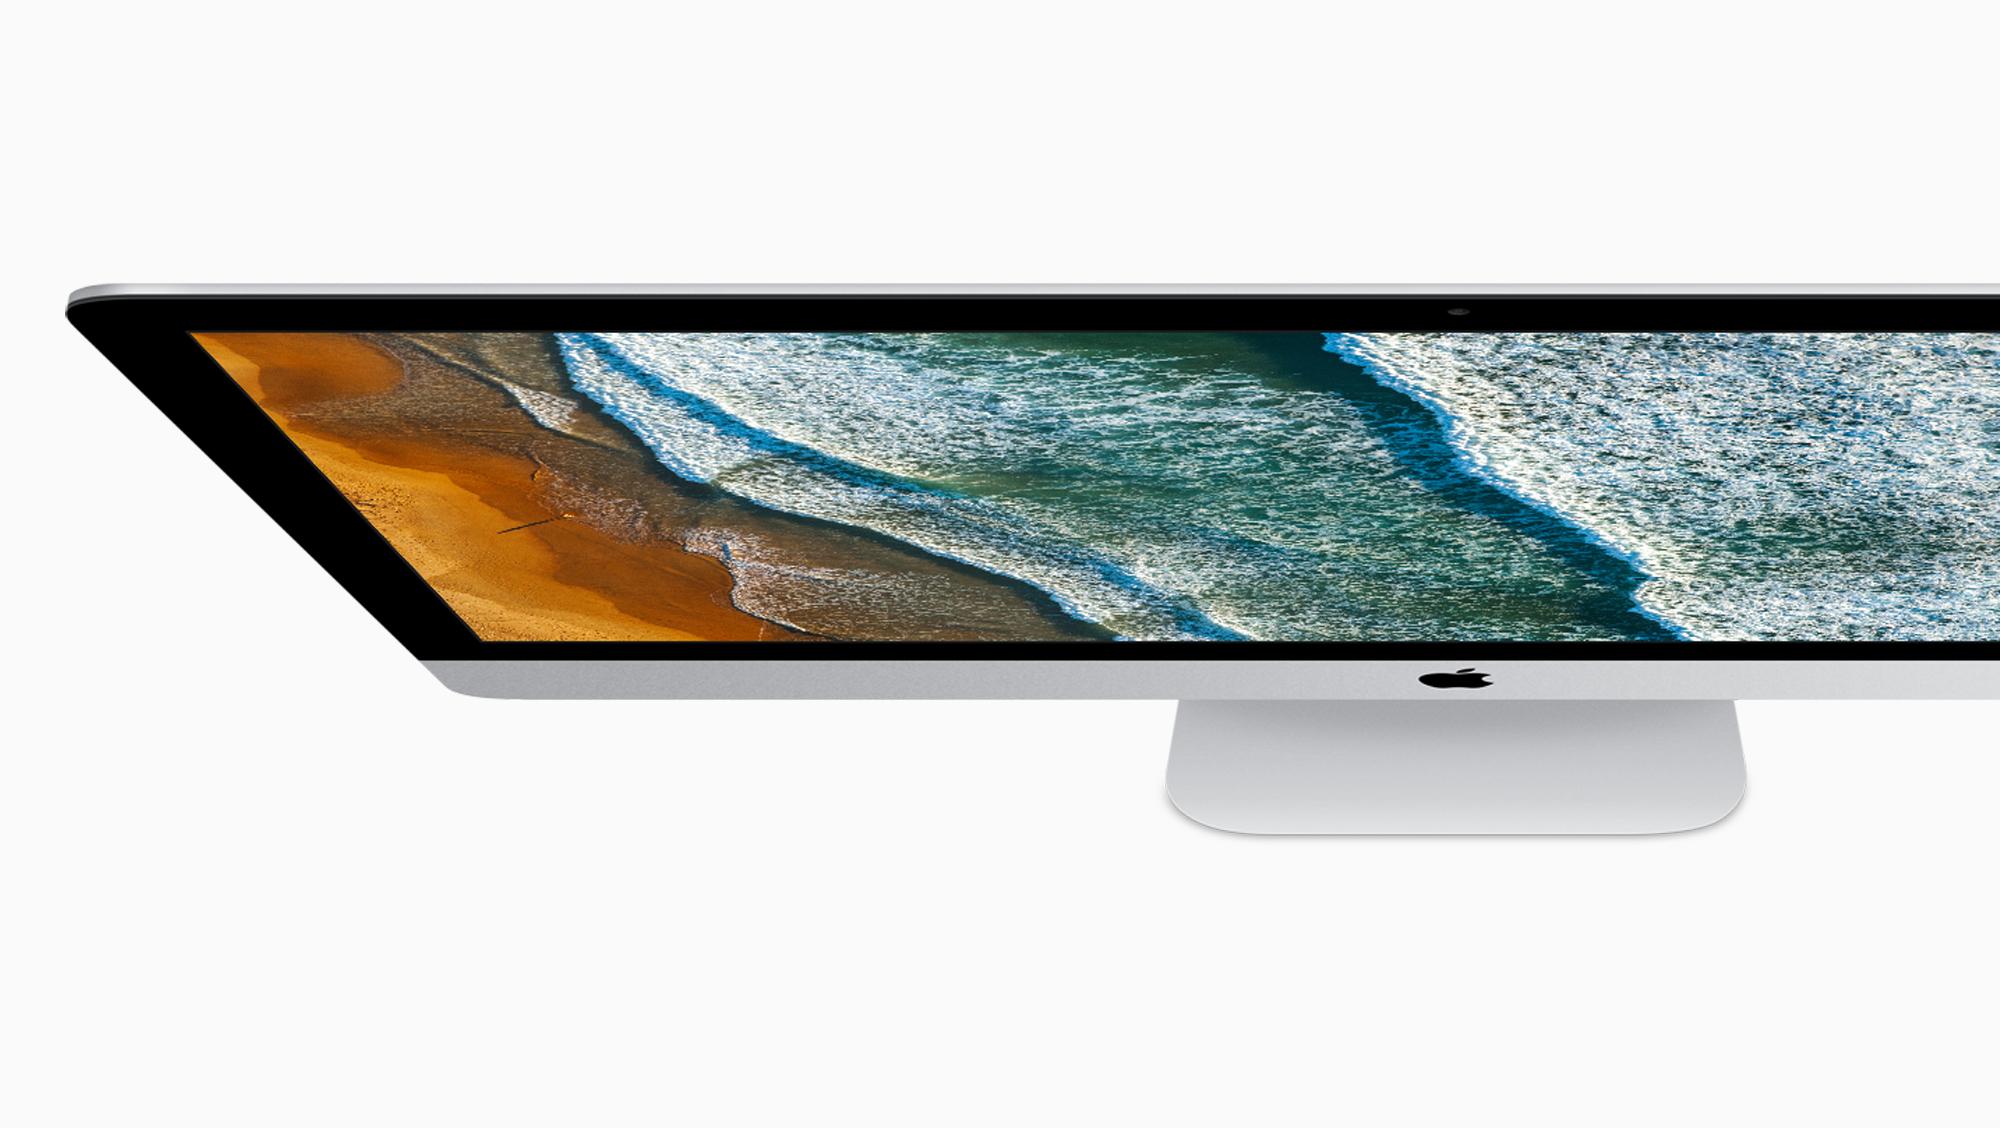 Apple, iMac의 그래픽, 프로세서 및 디스플레이 업데이트